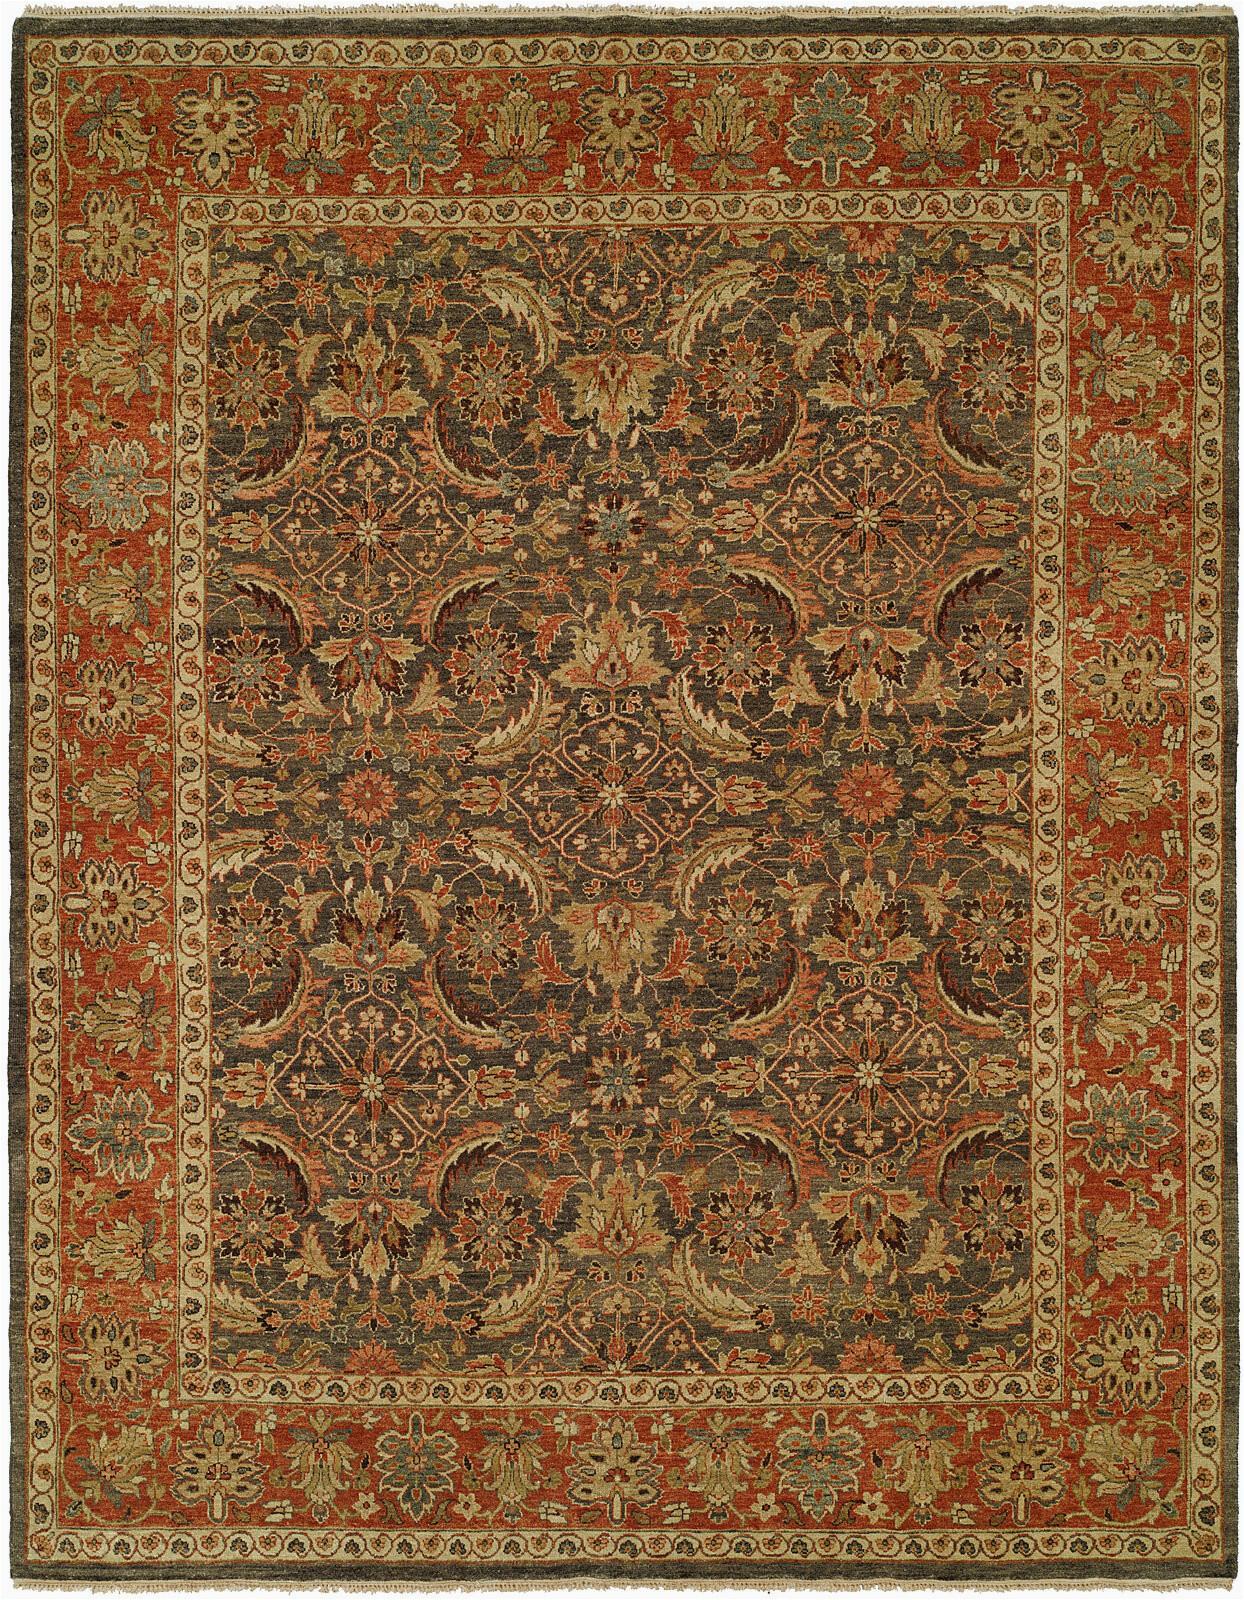 milbridge oriental hand knotted wool brownrust area rug